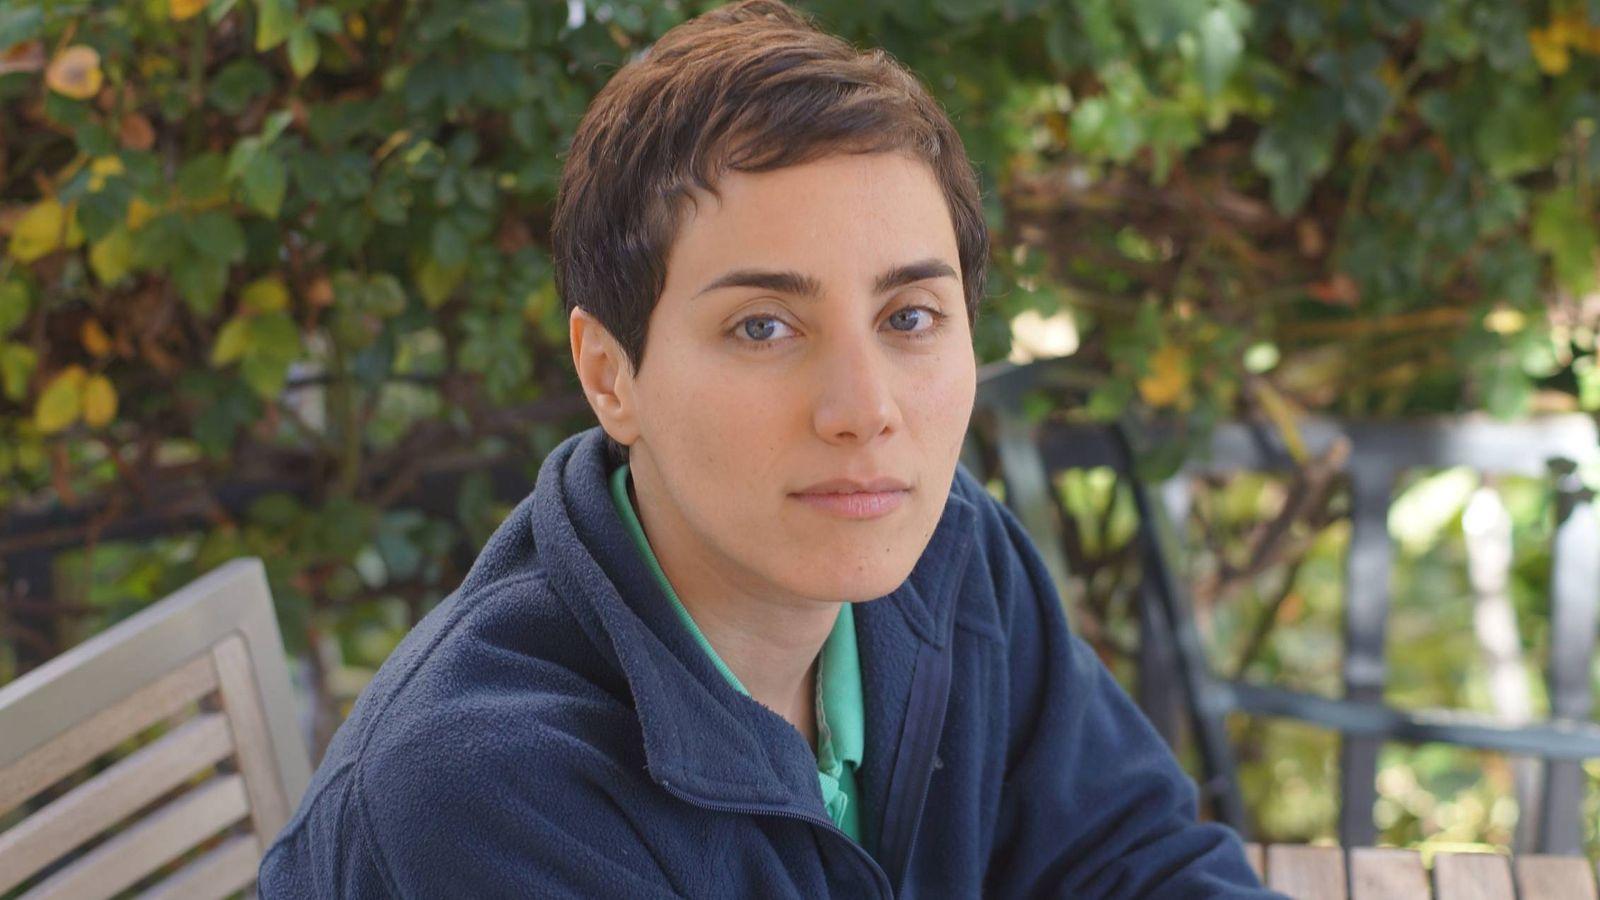 Foto:  Maryam Mirzakhani en el campus de la universidad californiana (Stanford)